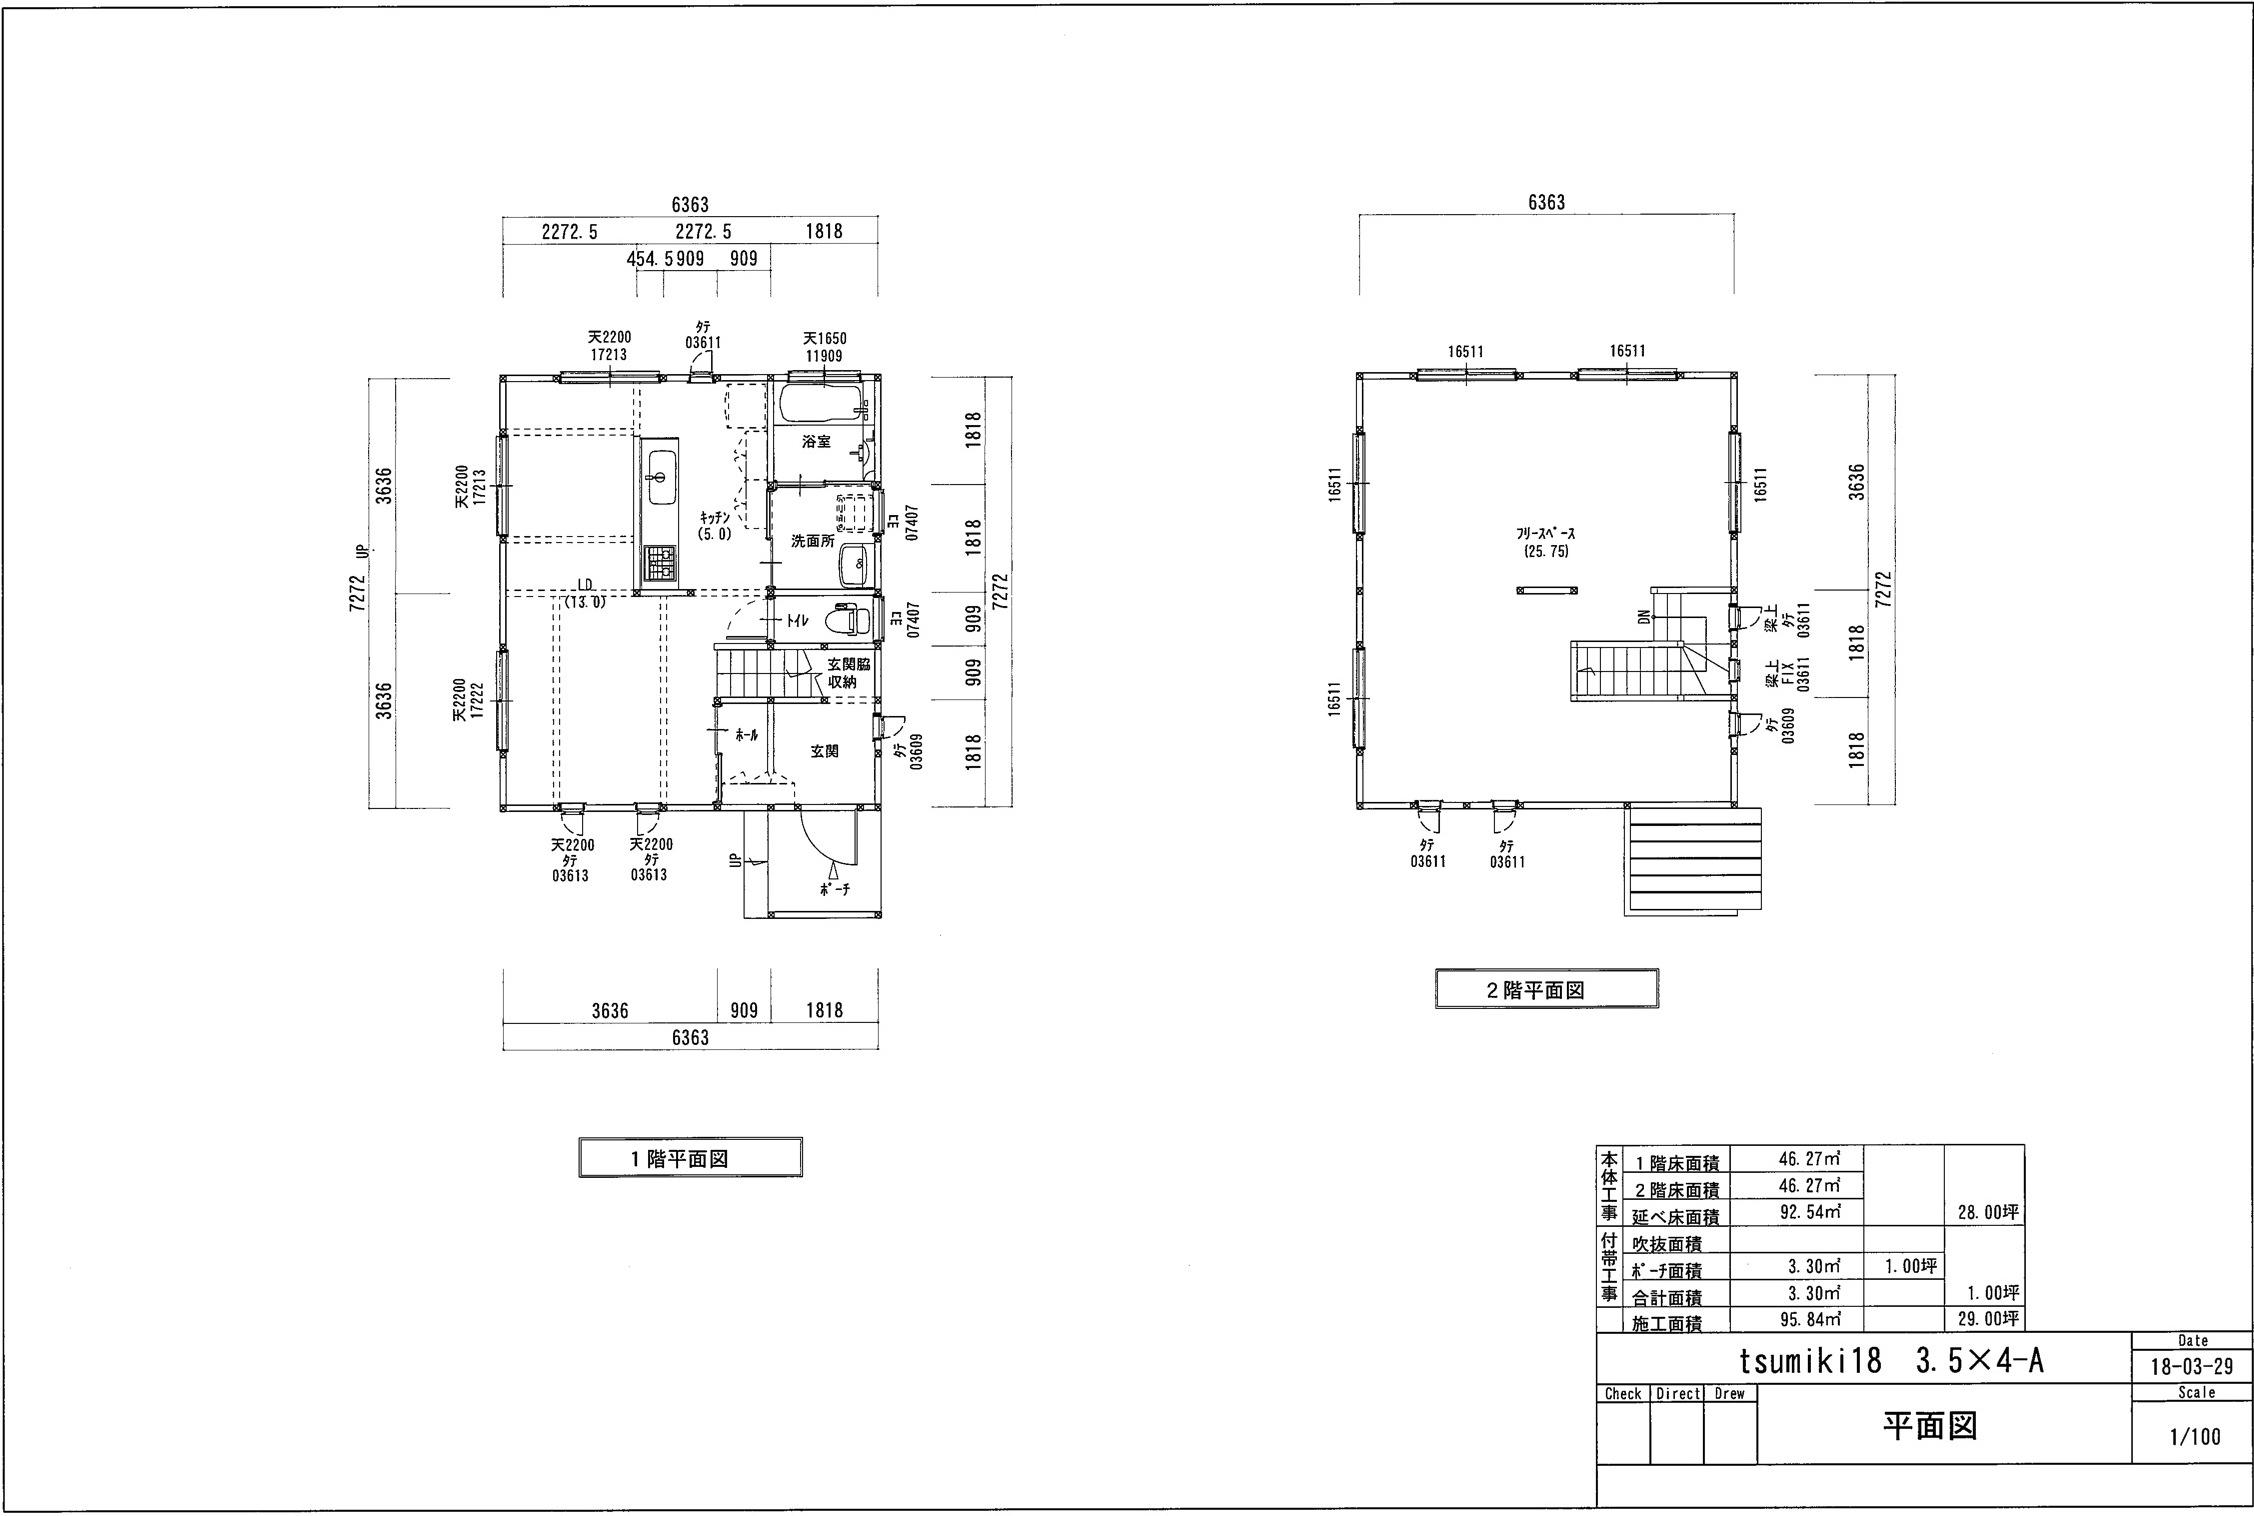 tsumiki 29坪(3.5×4-A)/1,600万円+税